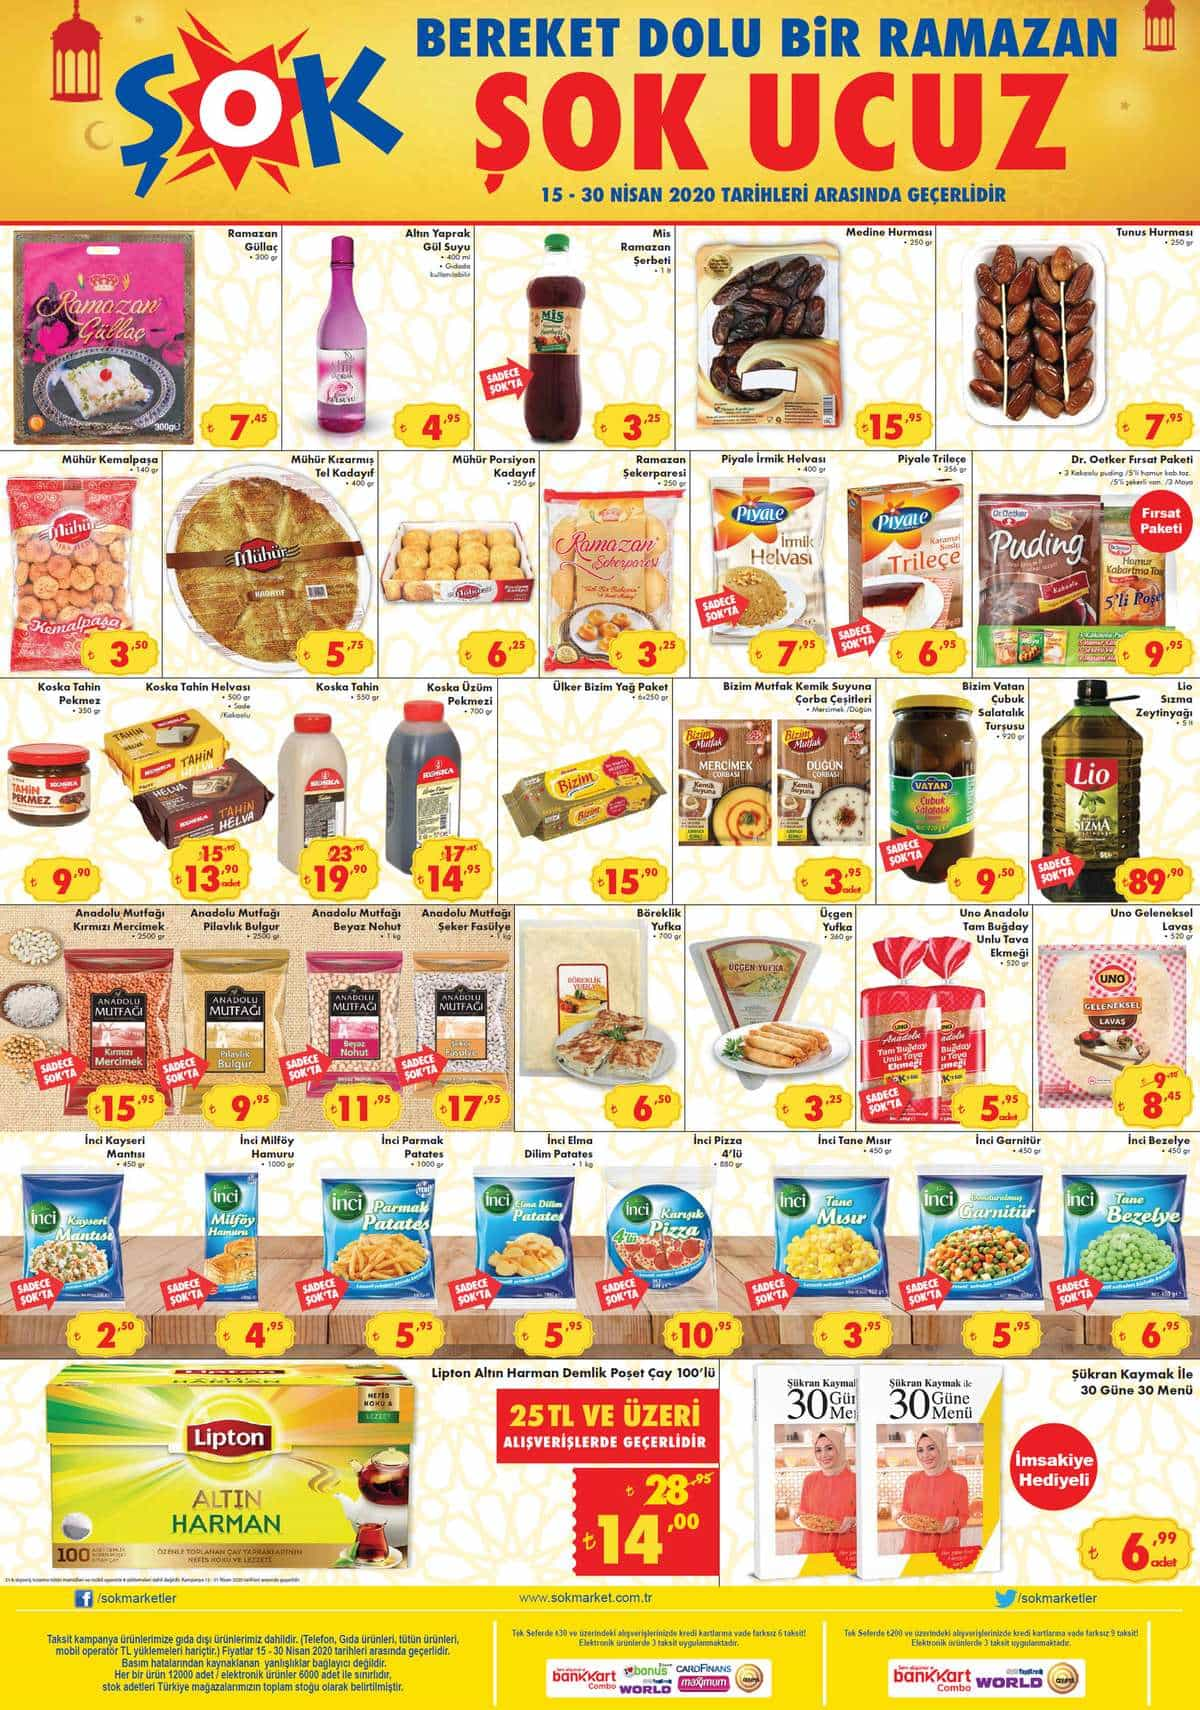 Şok 15 Nisan 2020 Gıda ürünleri